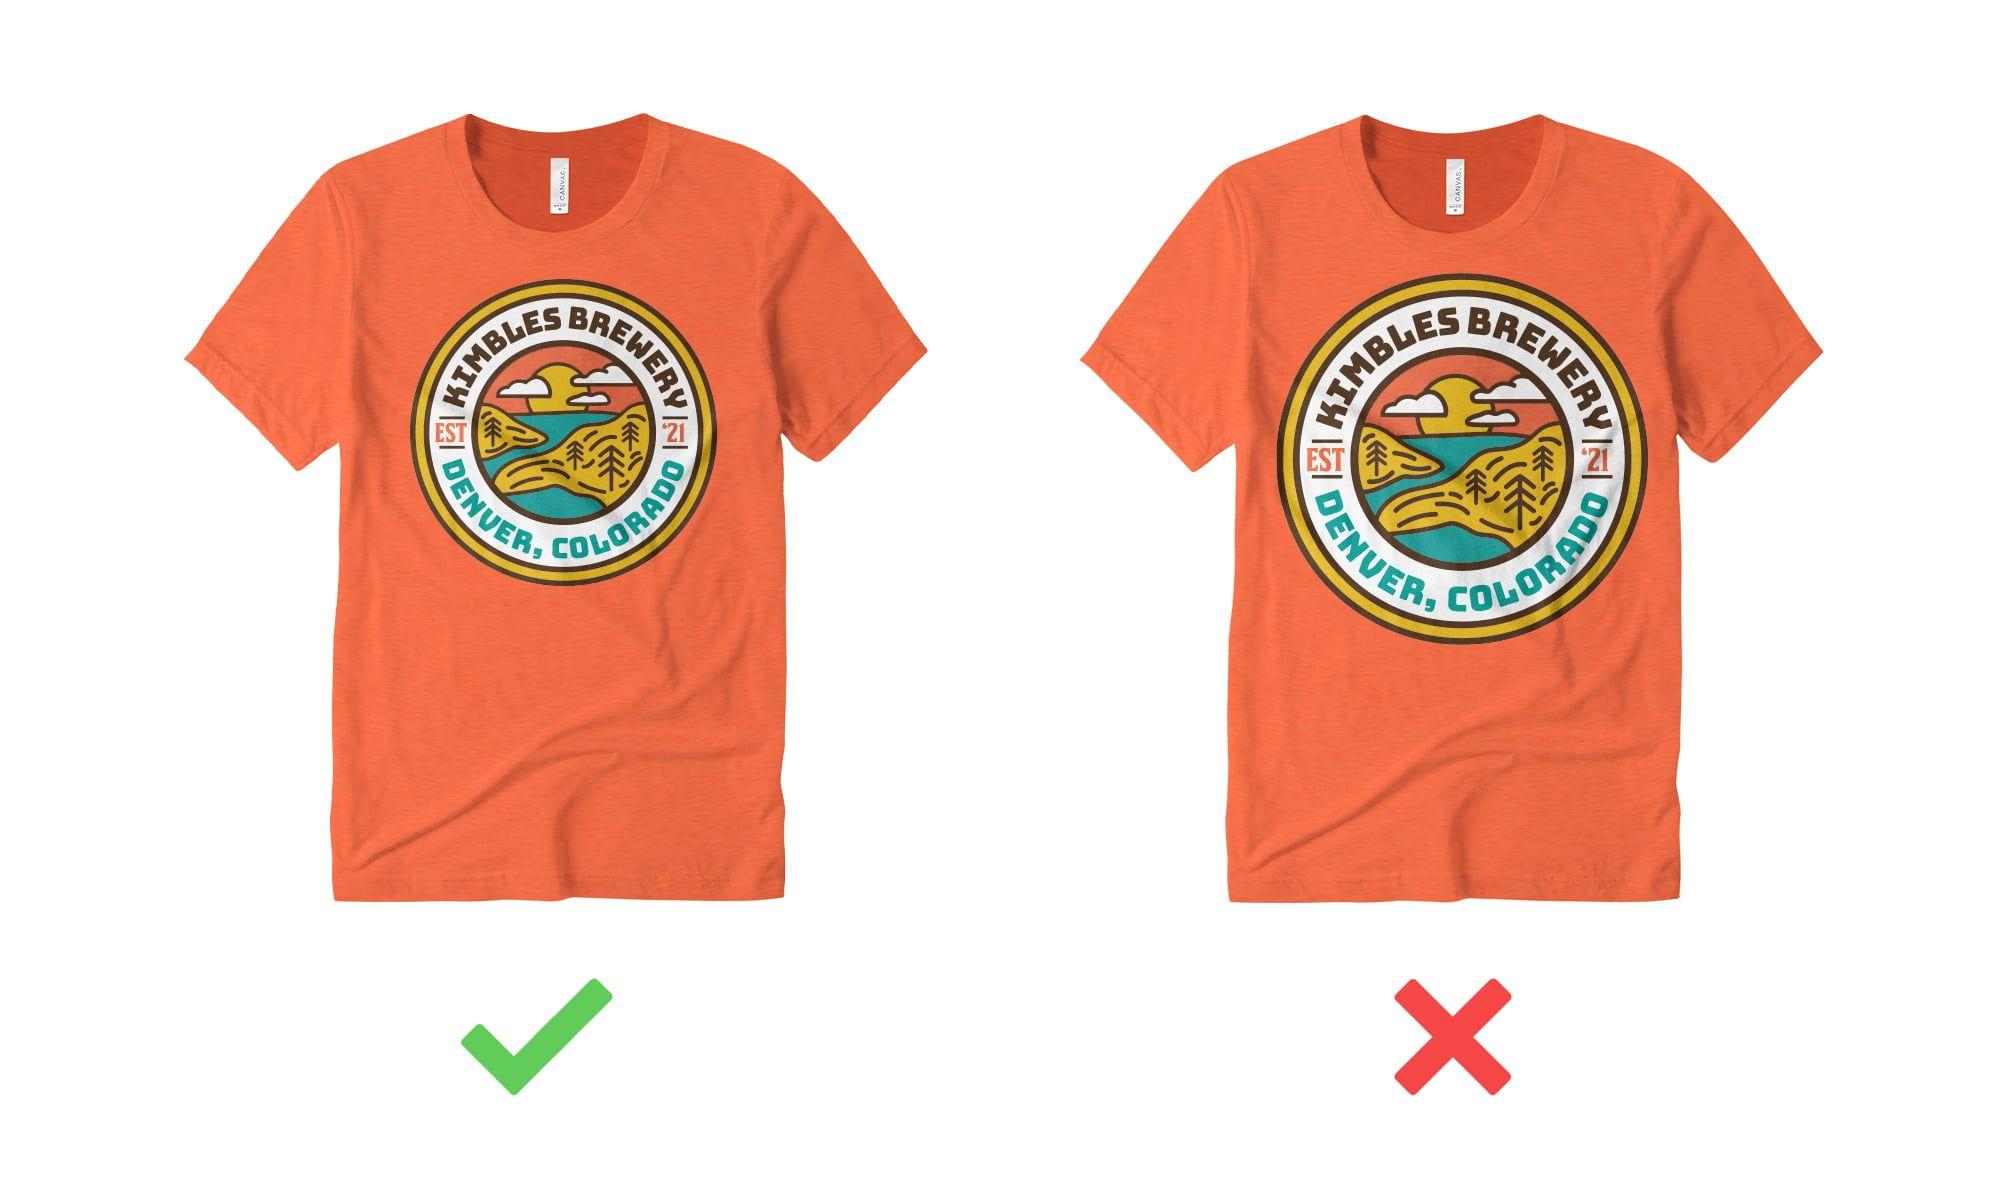 Example of sizing t-shirt design correctly.